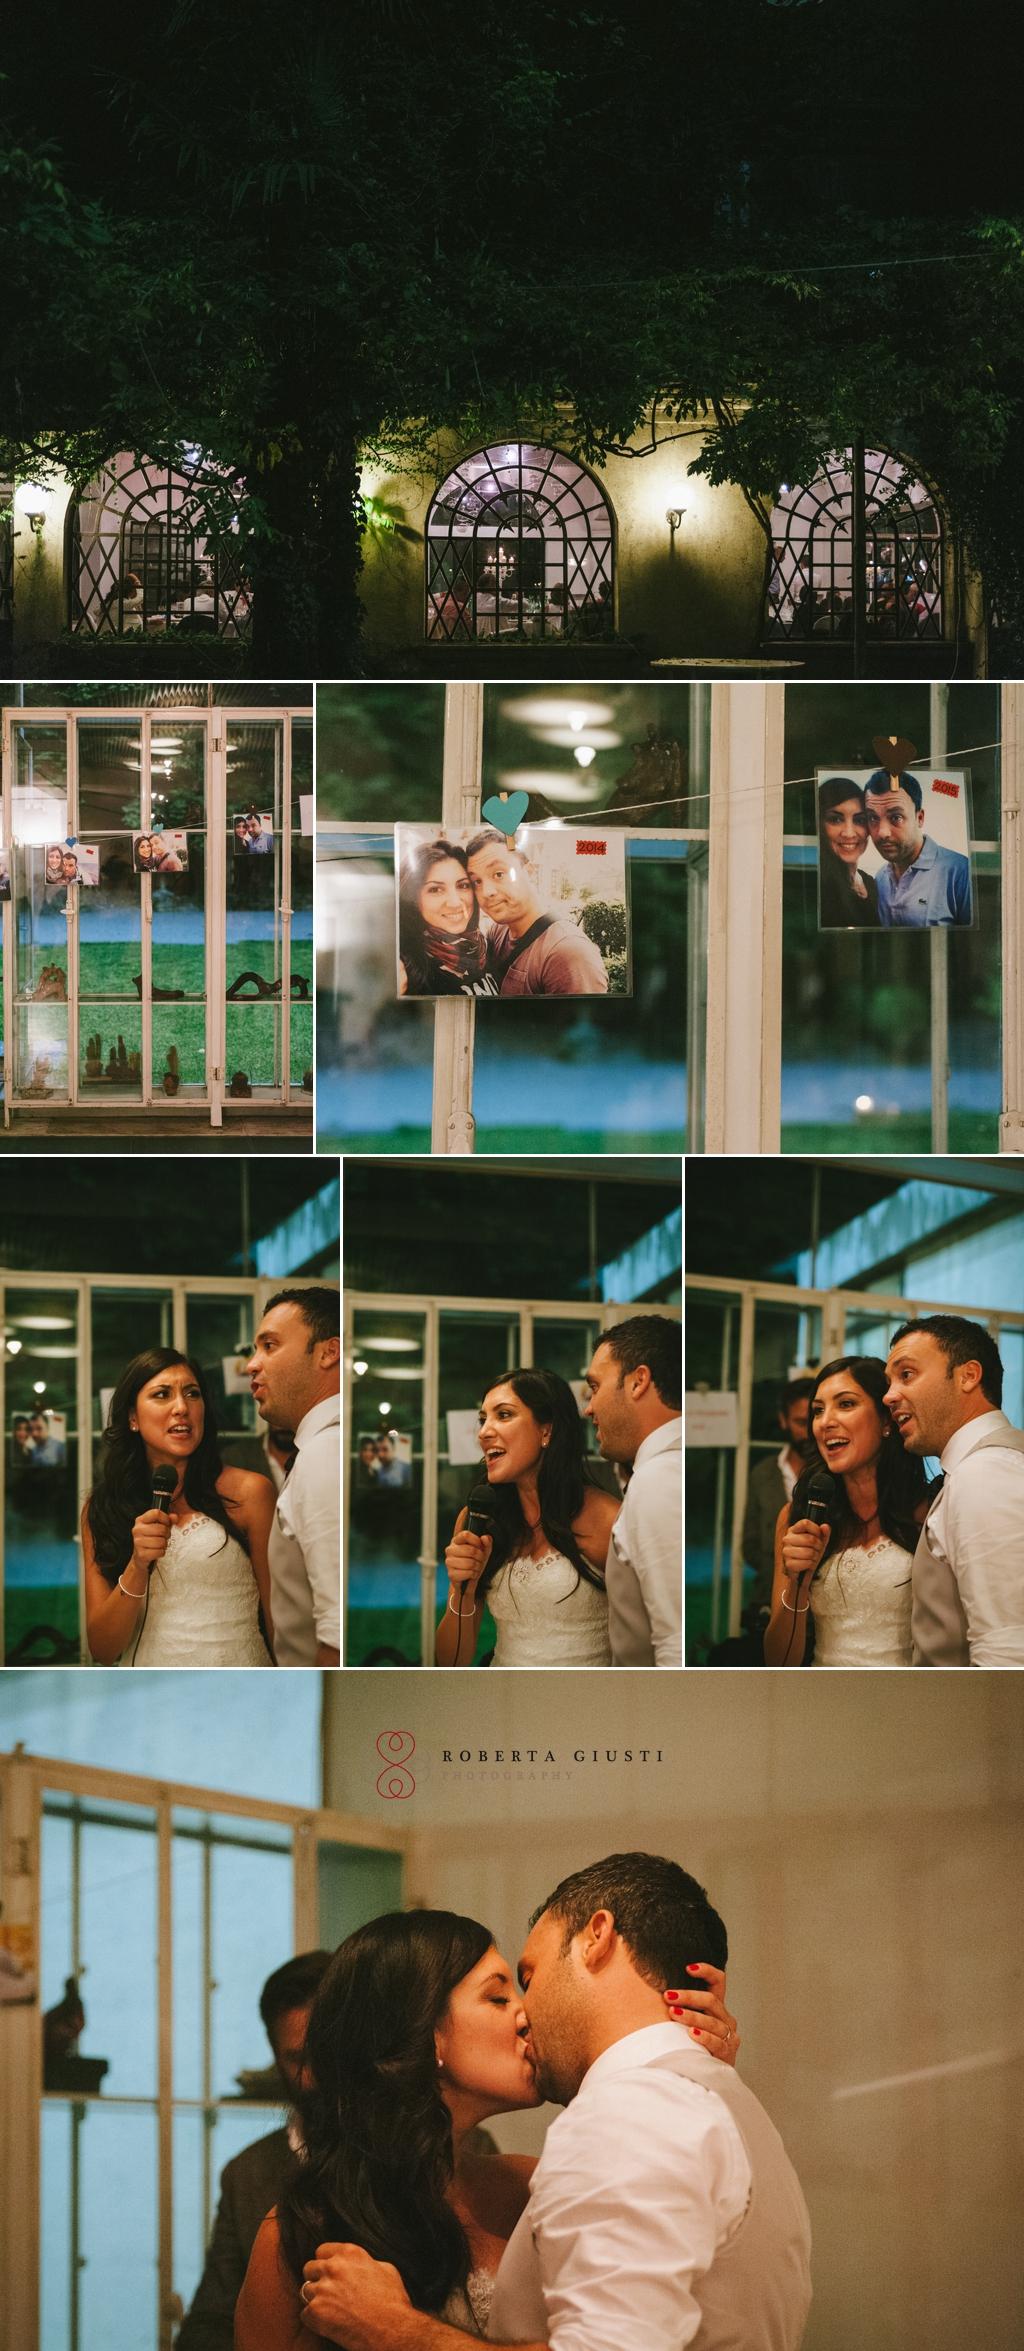 Fotografo matrimonio festa bacio sposi